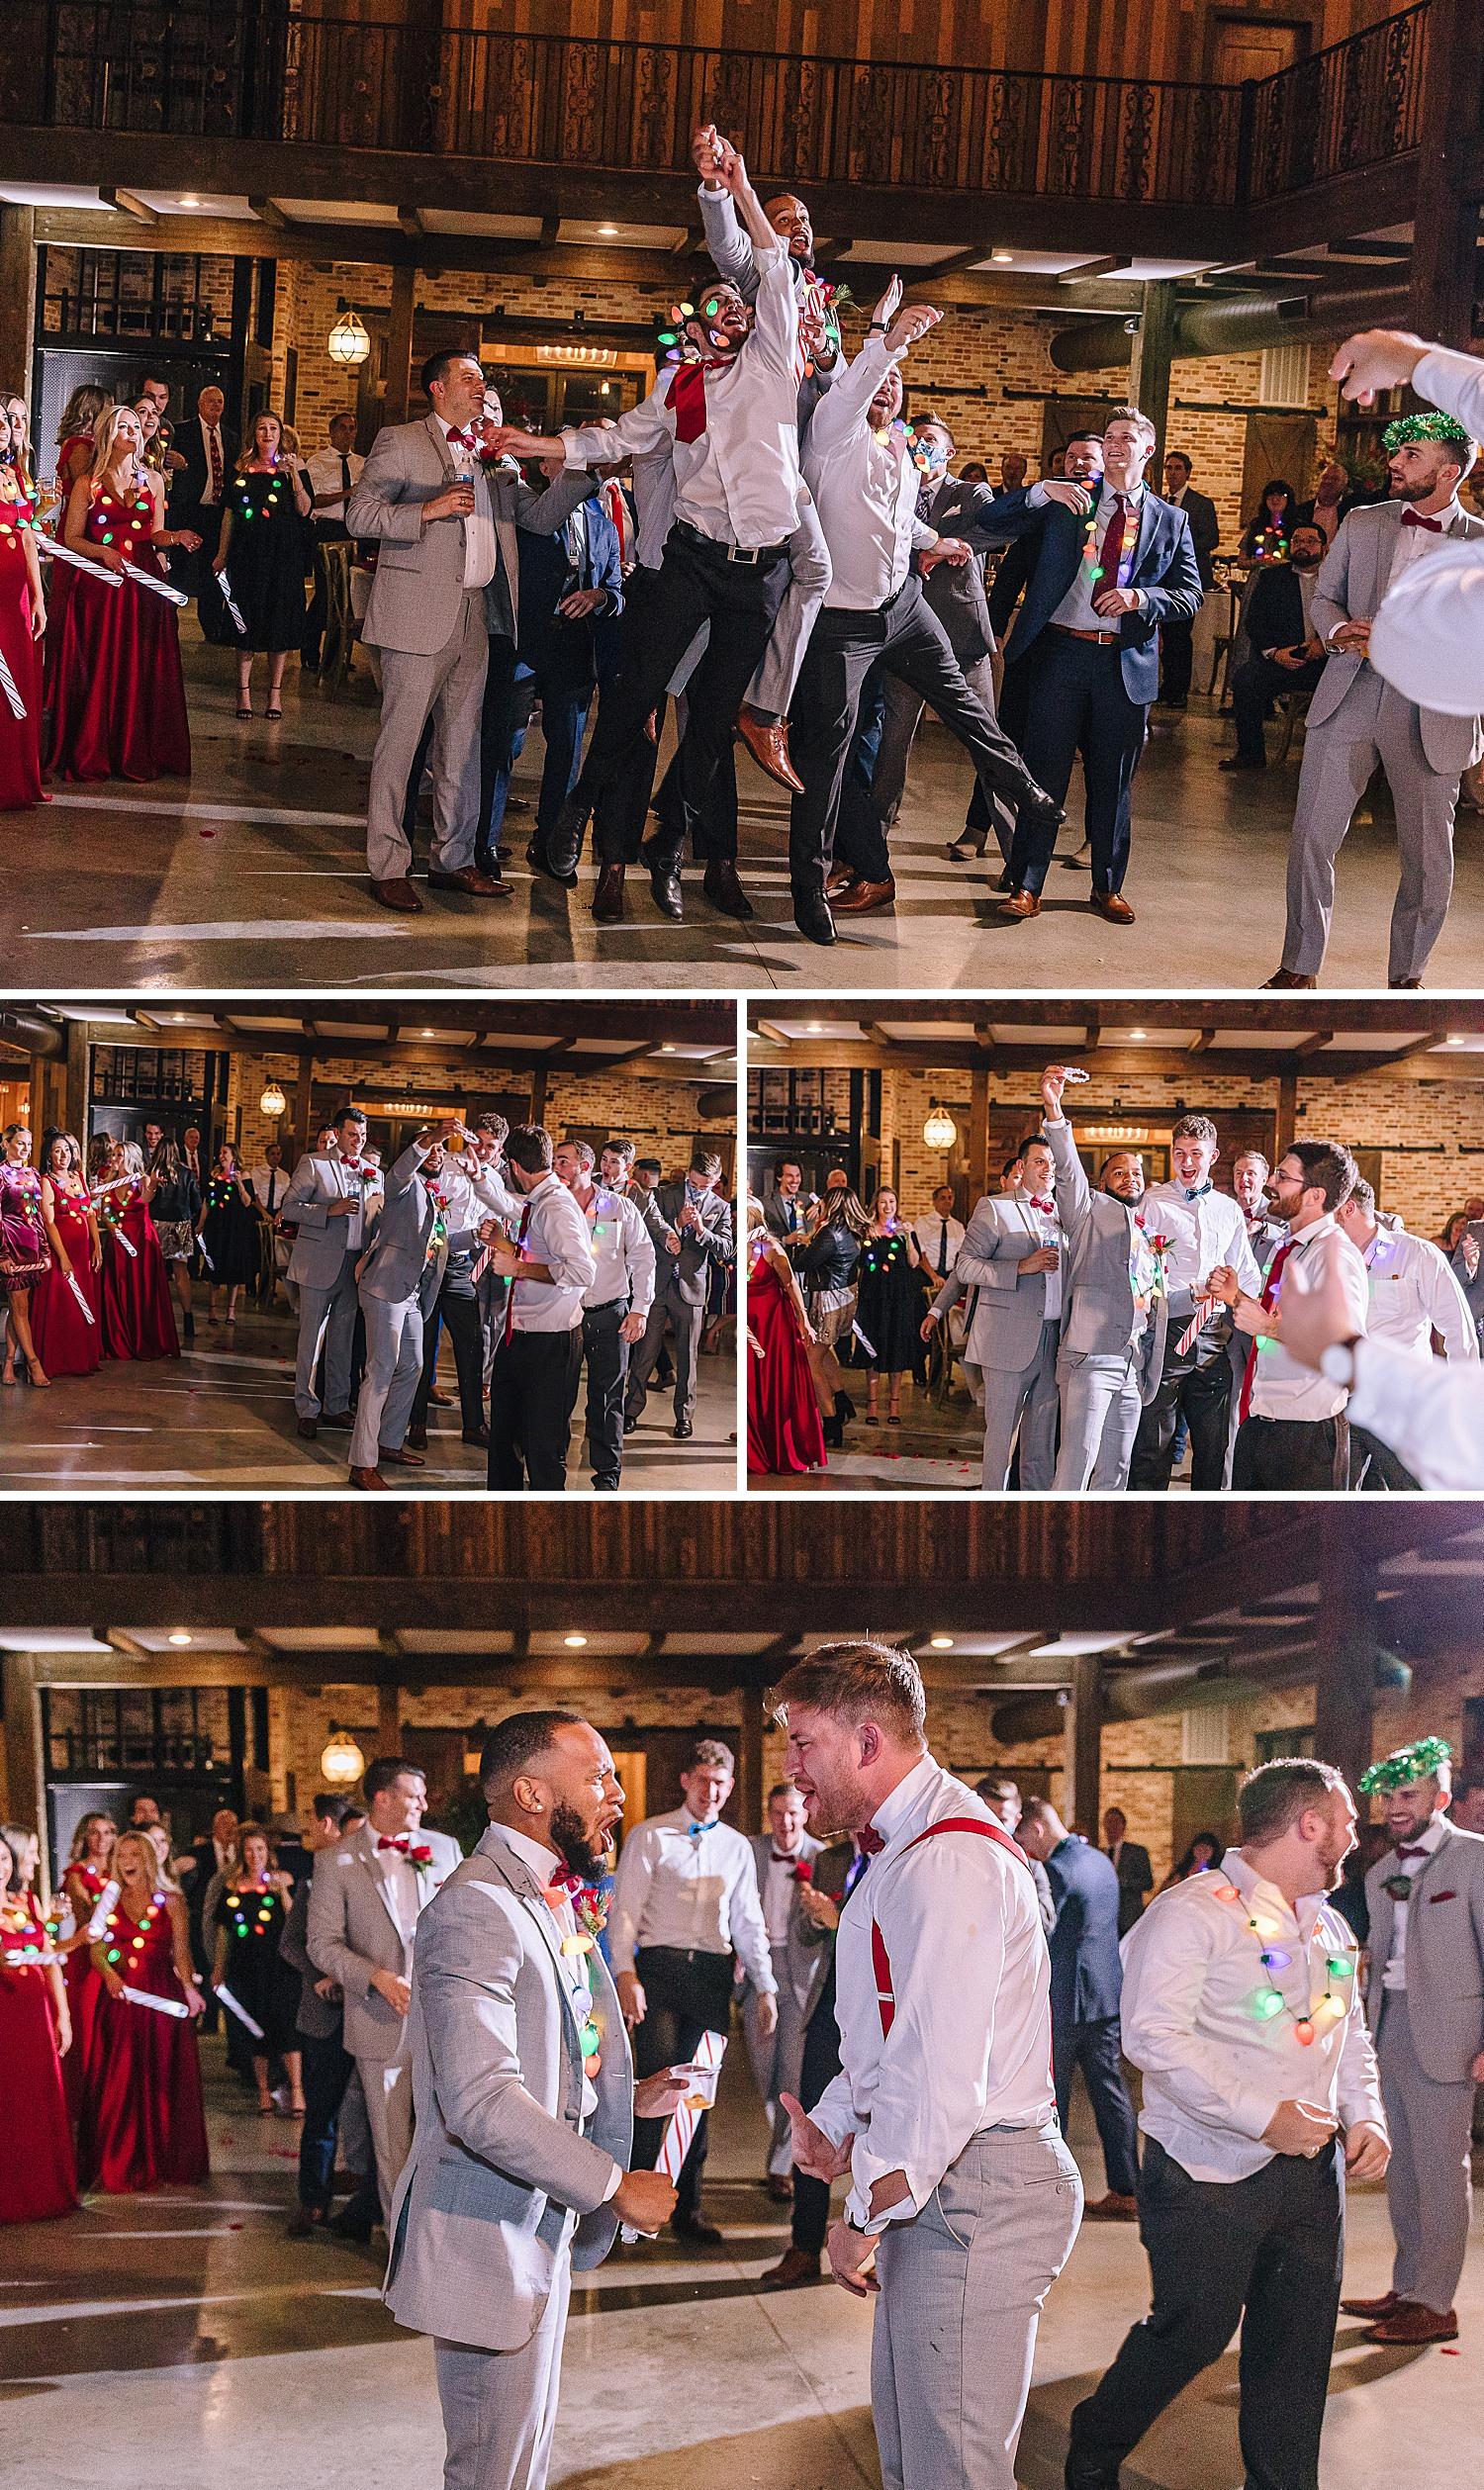 College-Station-Aggie-Wedding-The-Weinberg-at-Wixon-Valley-Christmas-Hallmark-Wedding_0144.jpg